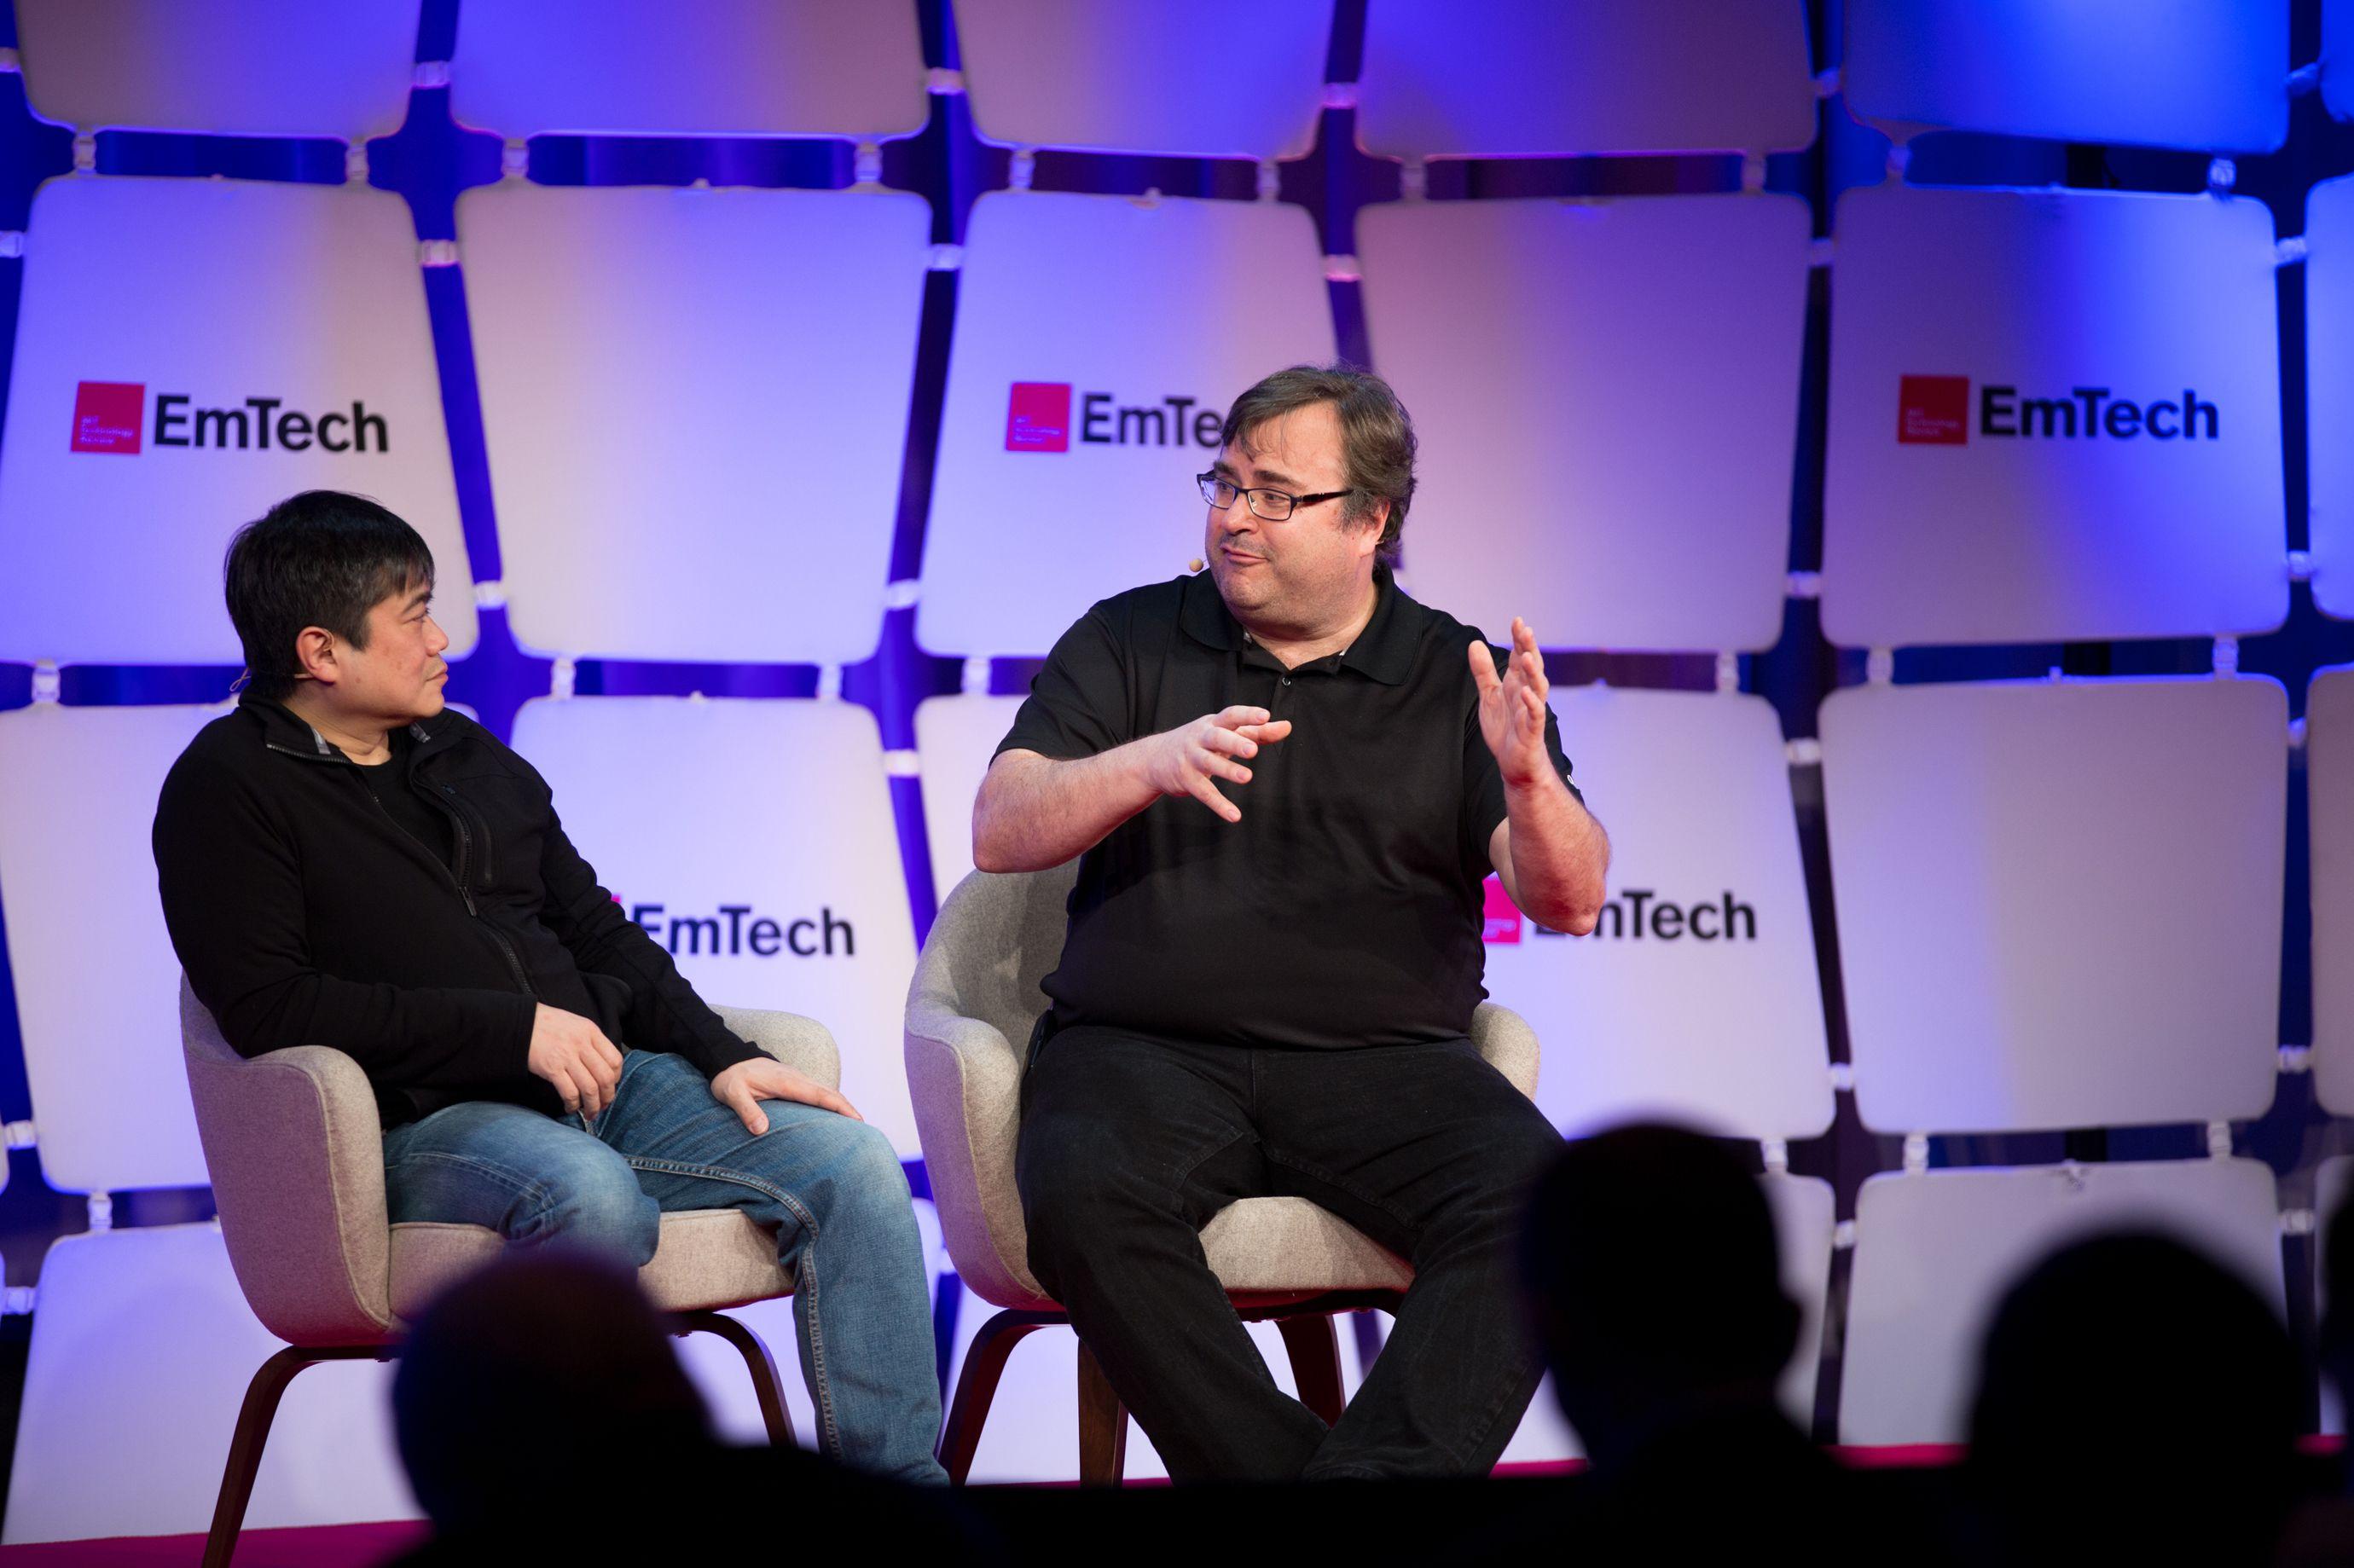 リンクトイン創業者が語った、シリコンバレーをよりよくする方法